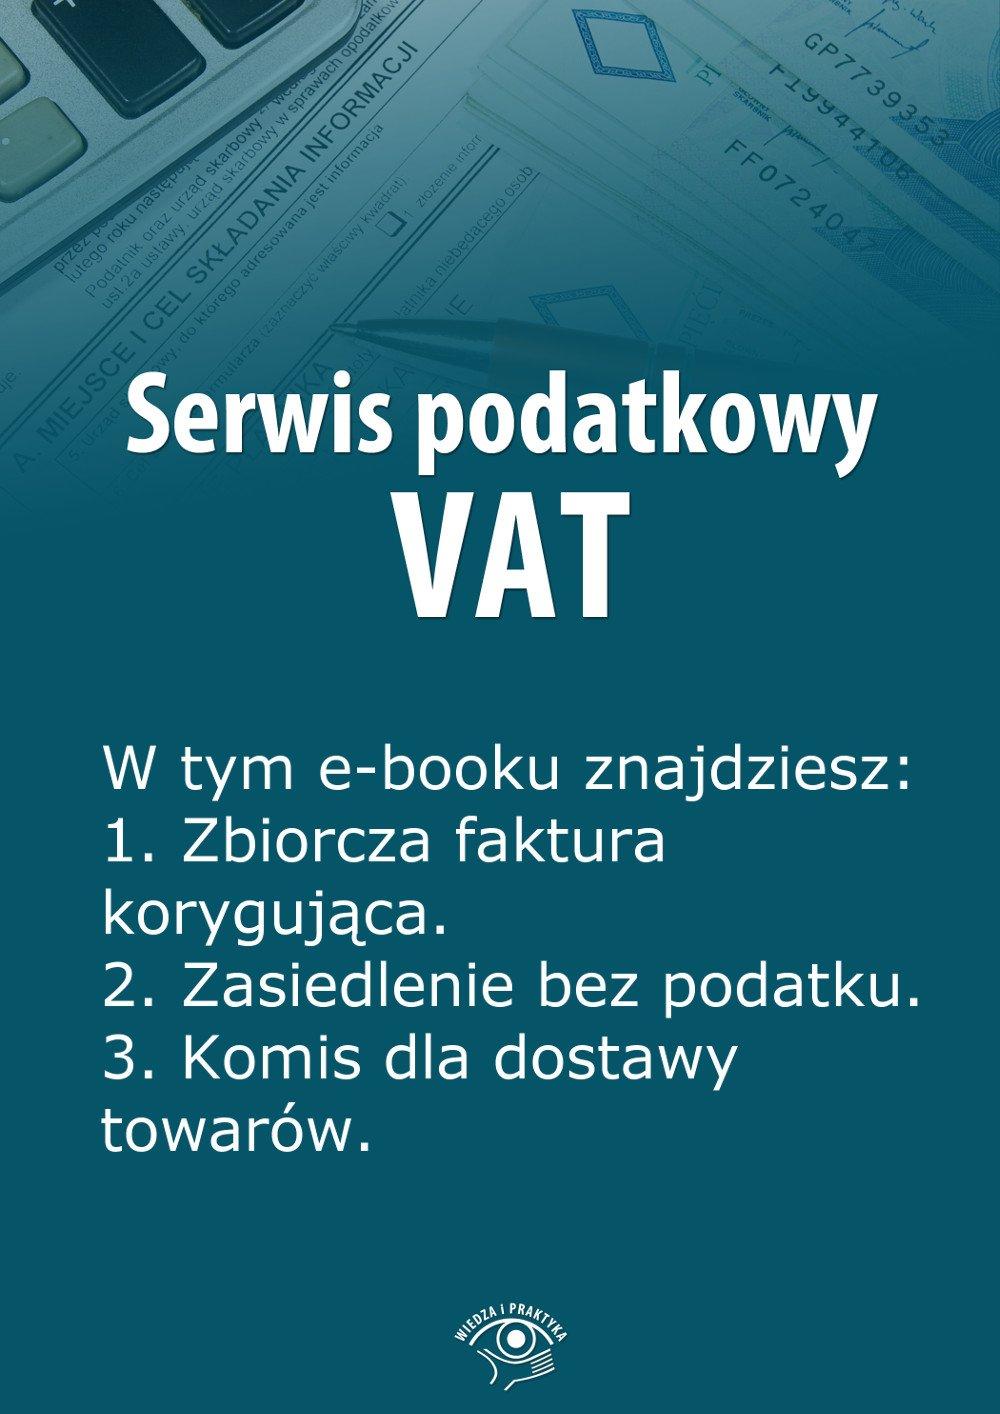 Serwis podatkowy VAT. Wydanie czerwiec 2014 r. - Ebook (Książka EPUB) do pobrania w formacie EPUB